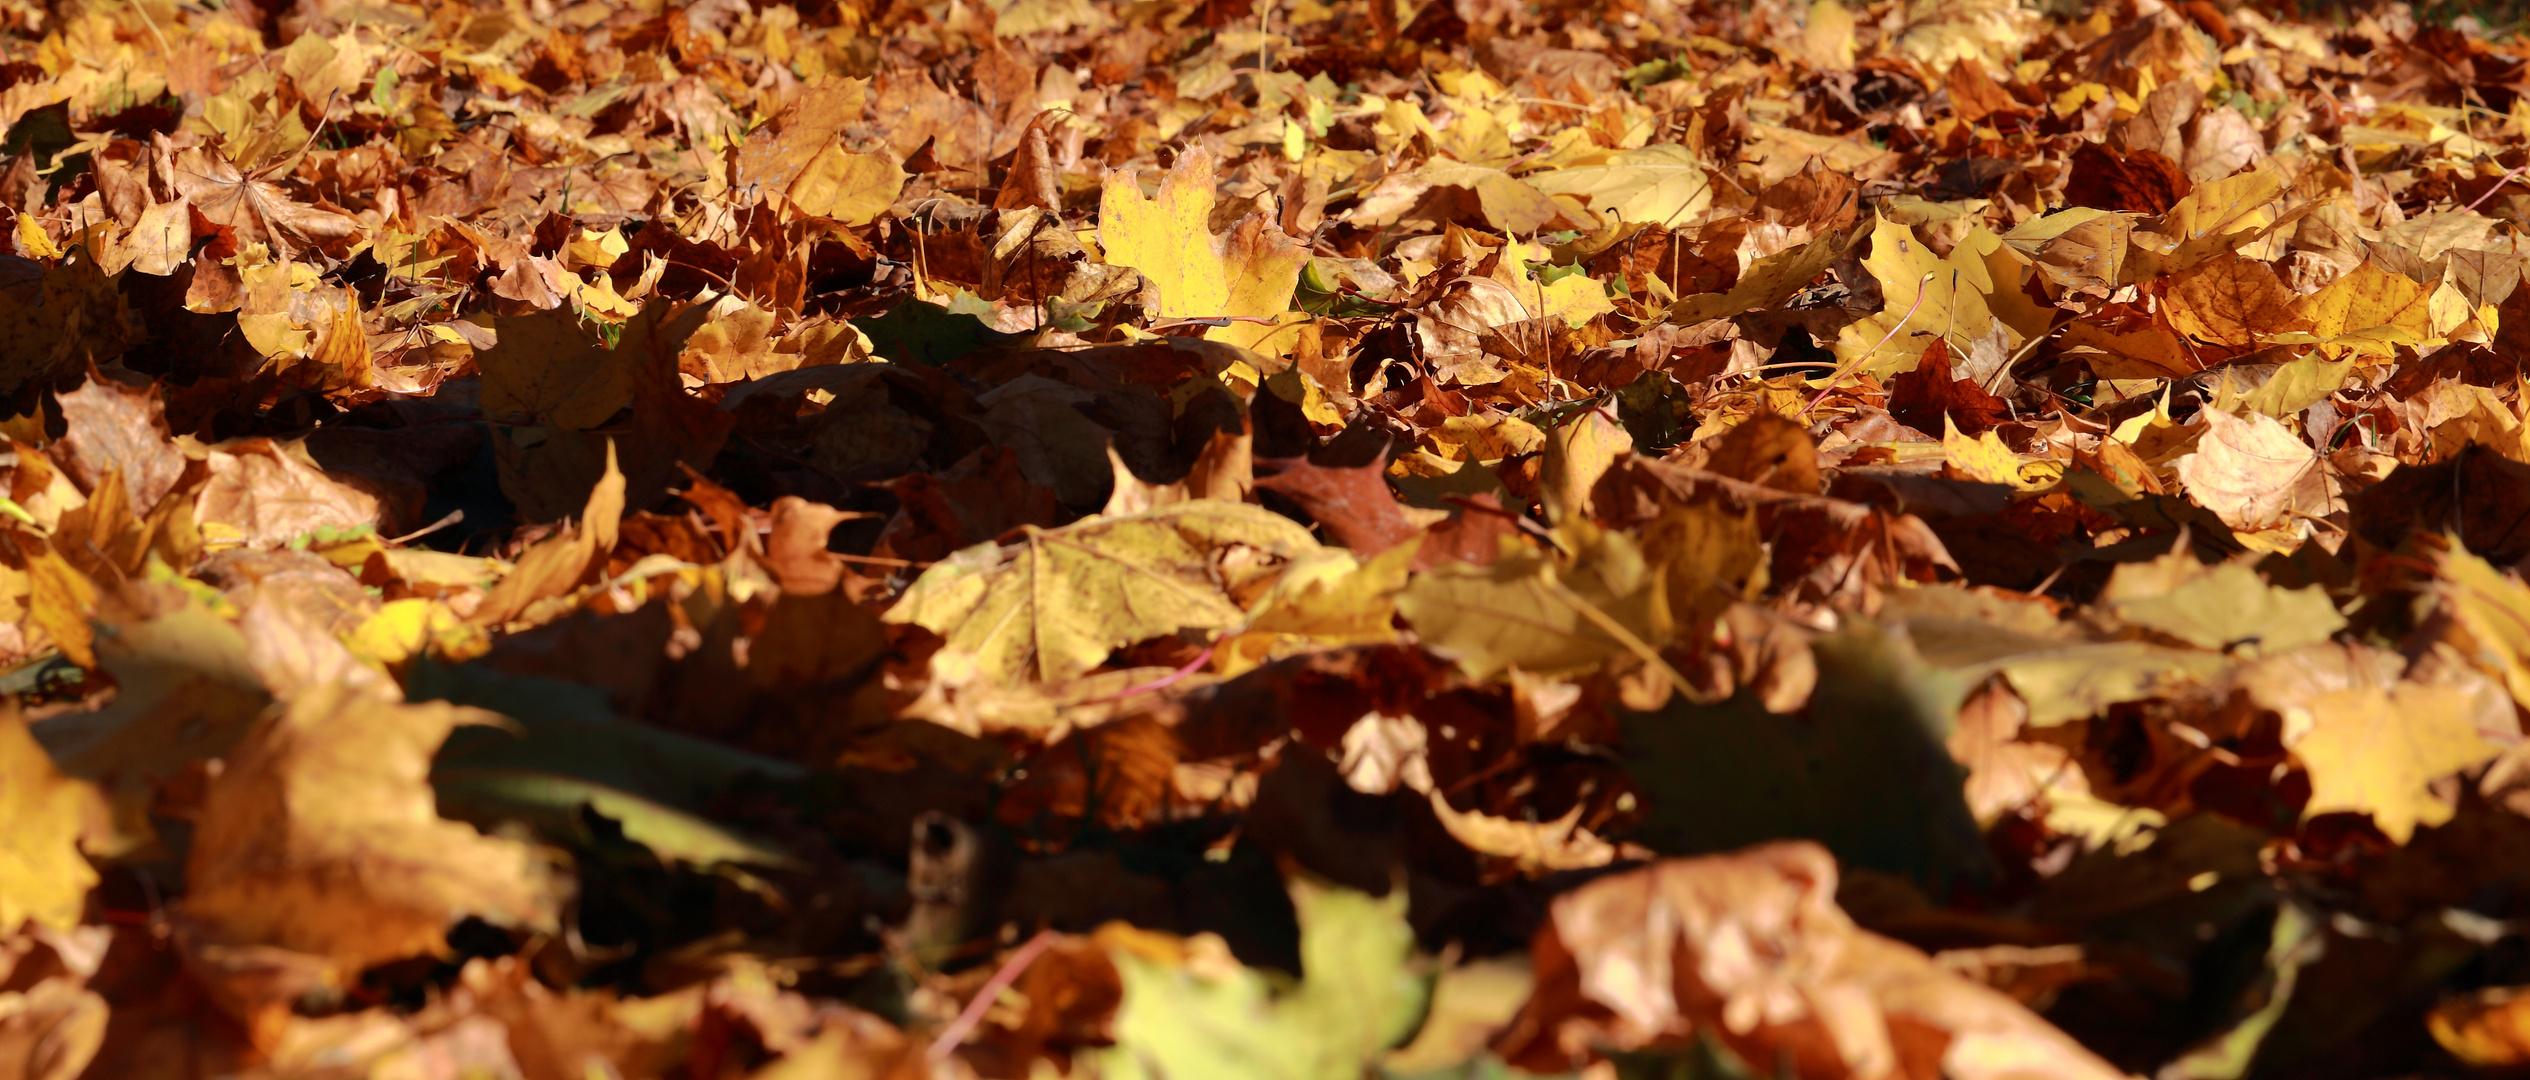 Ocean of leafs